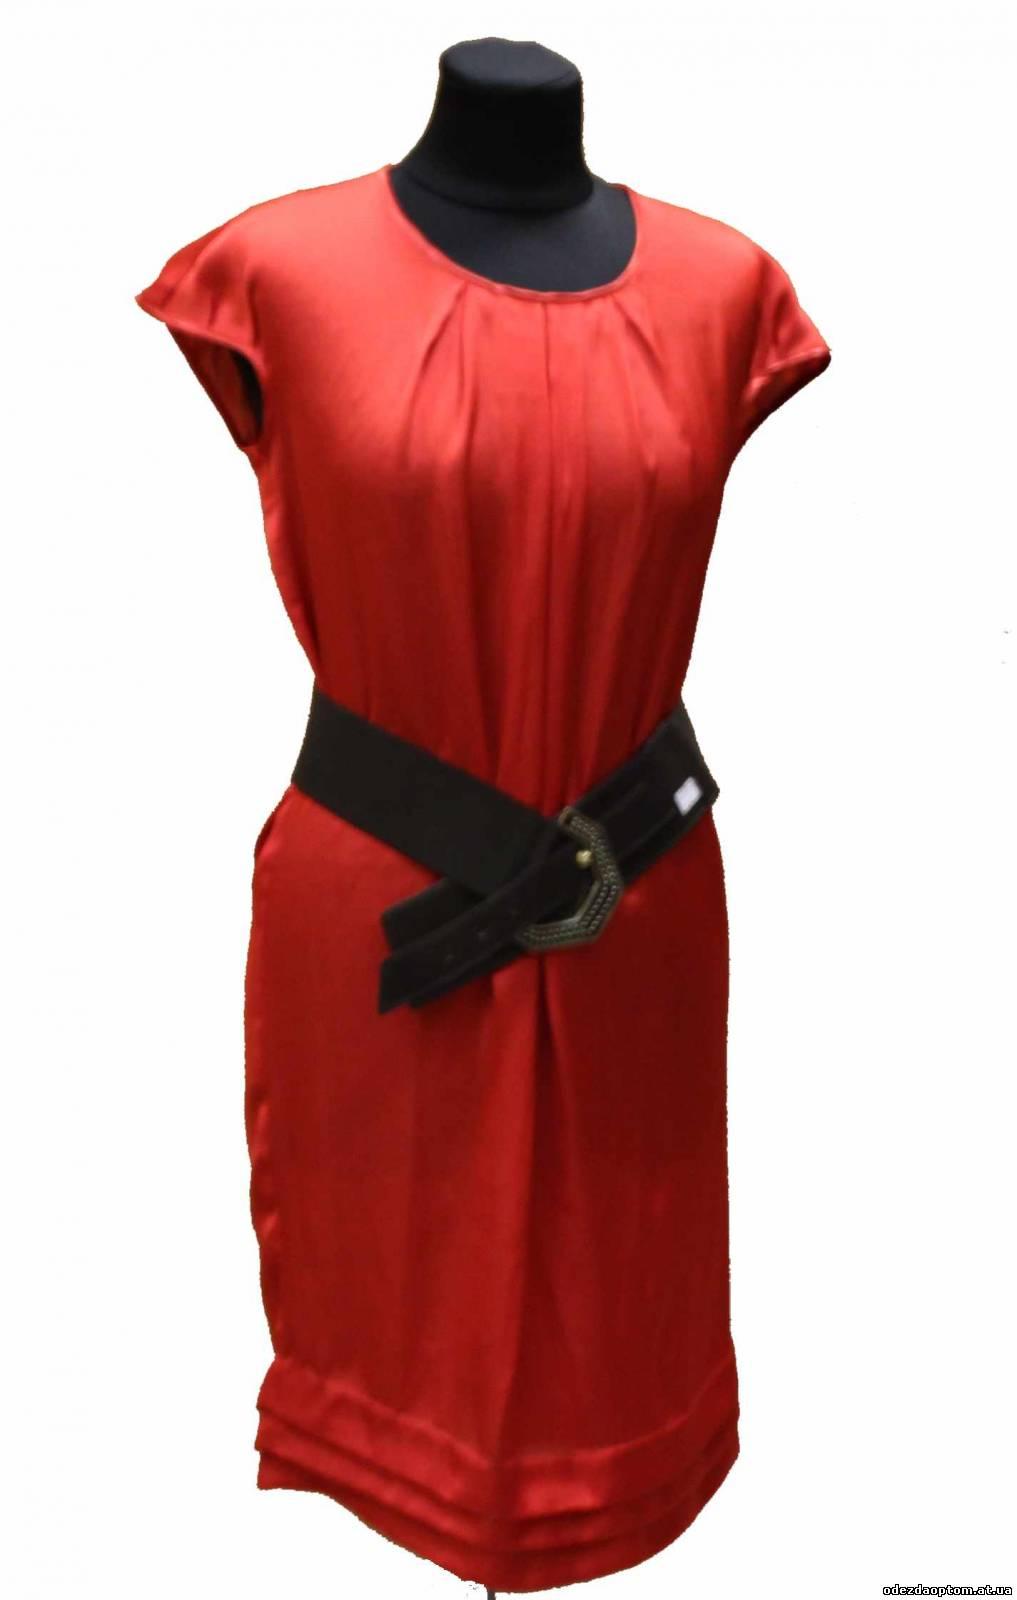 Платье туника 100%шелк. Выставка - продажа блузок, батников, туник, платьев из натурального и искусственного шелка